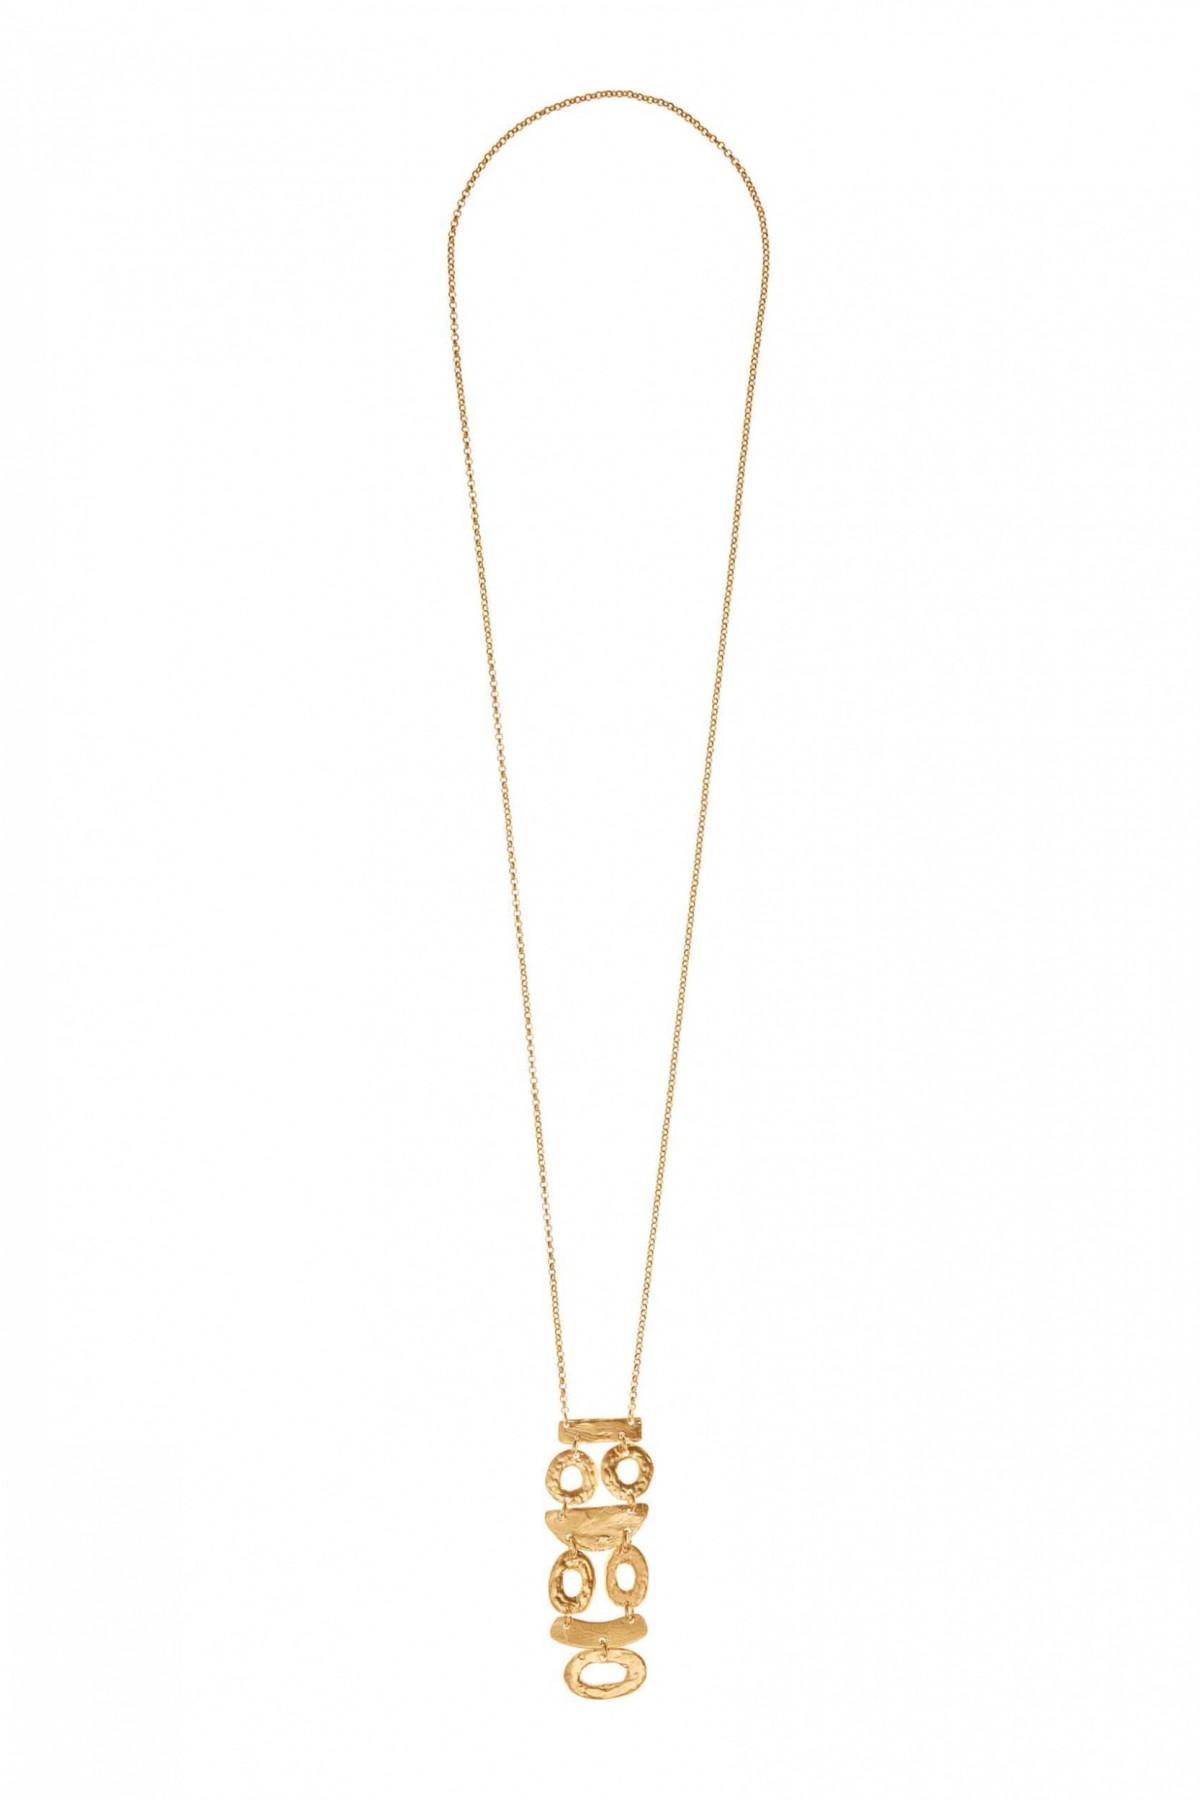 Recoletos Necklace